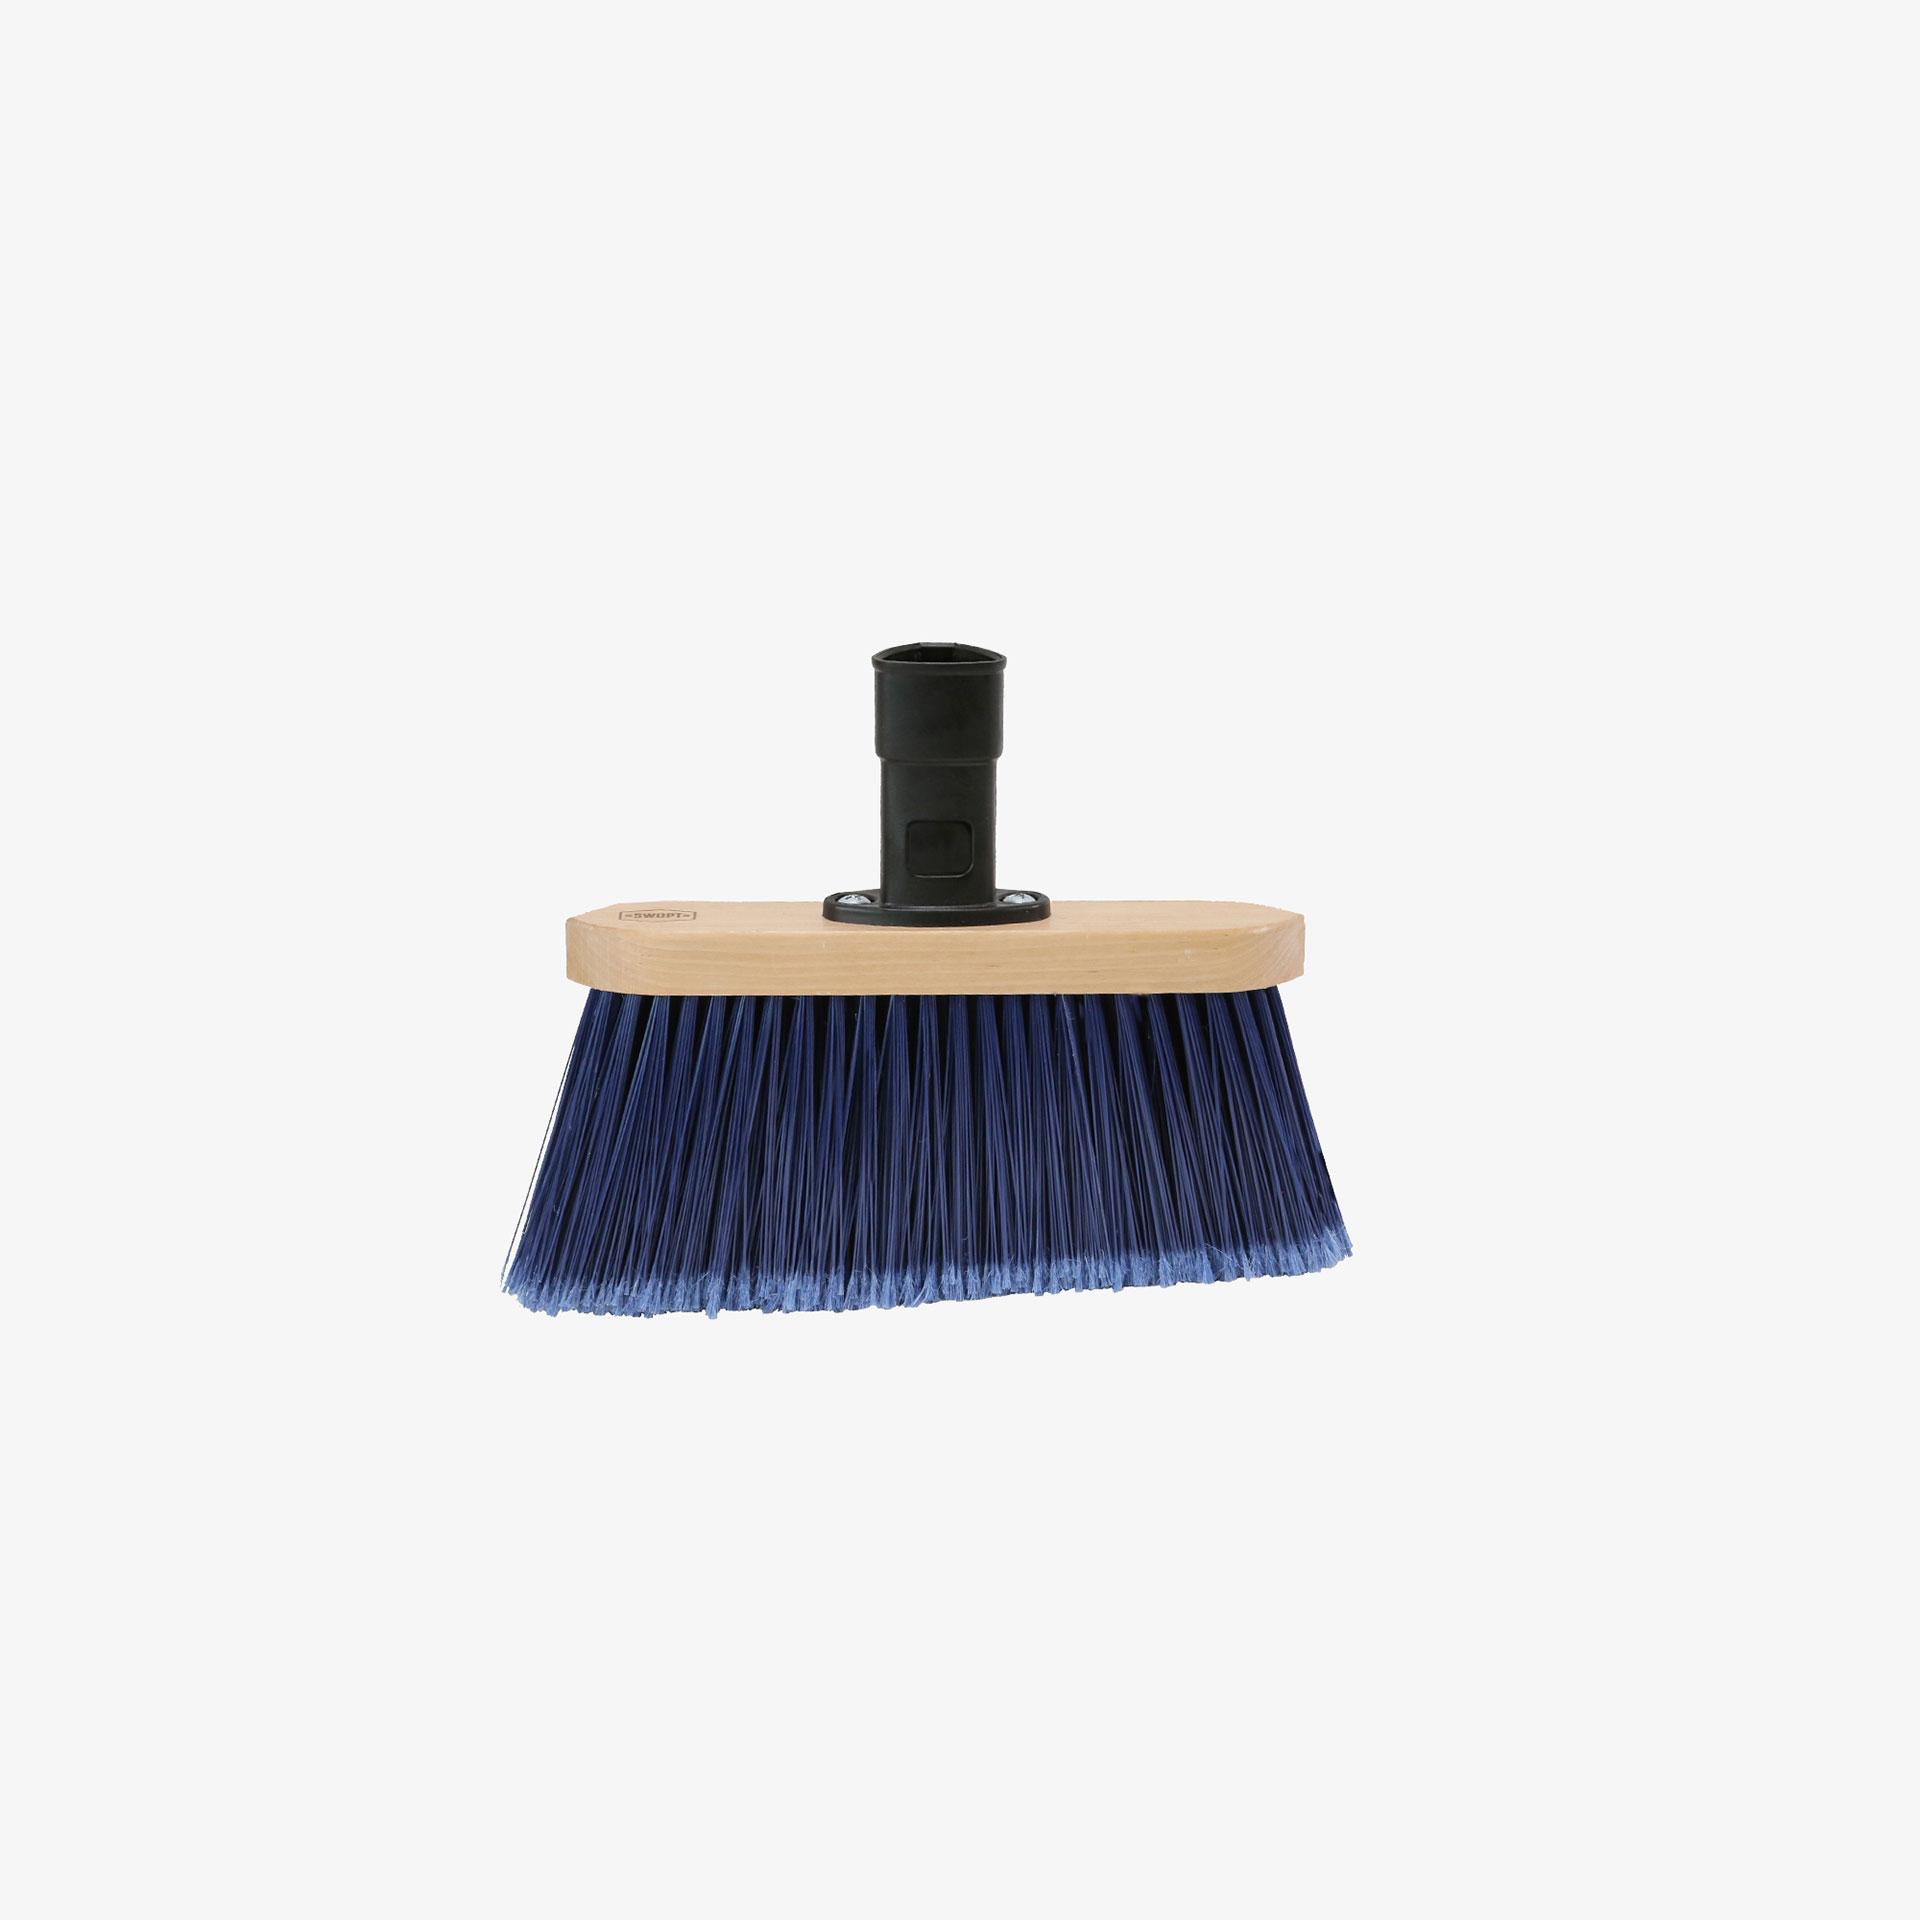 Multi-Surface Angle Broom - Premium